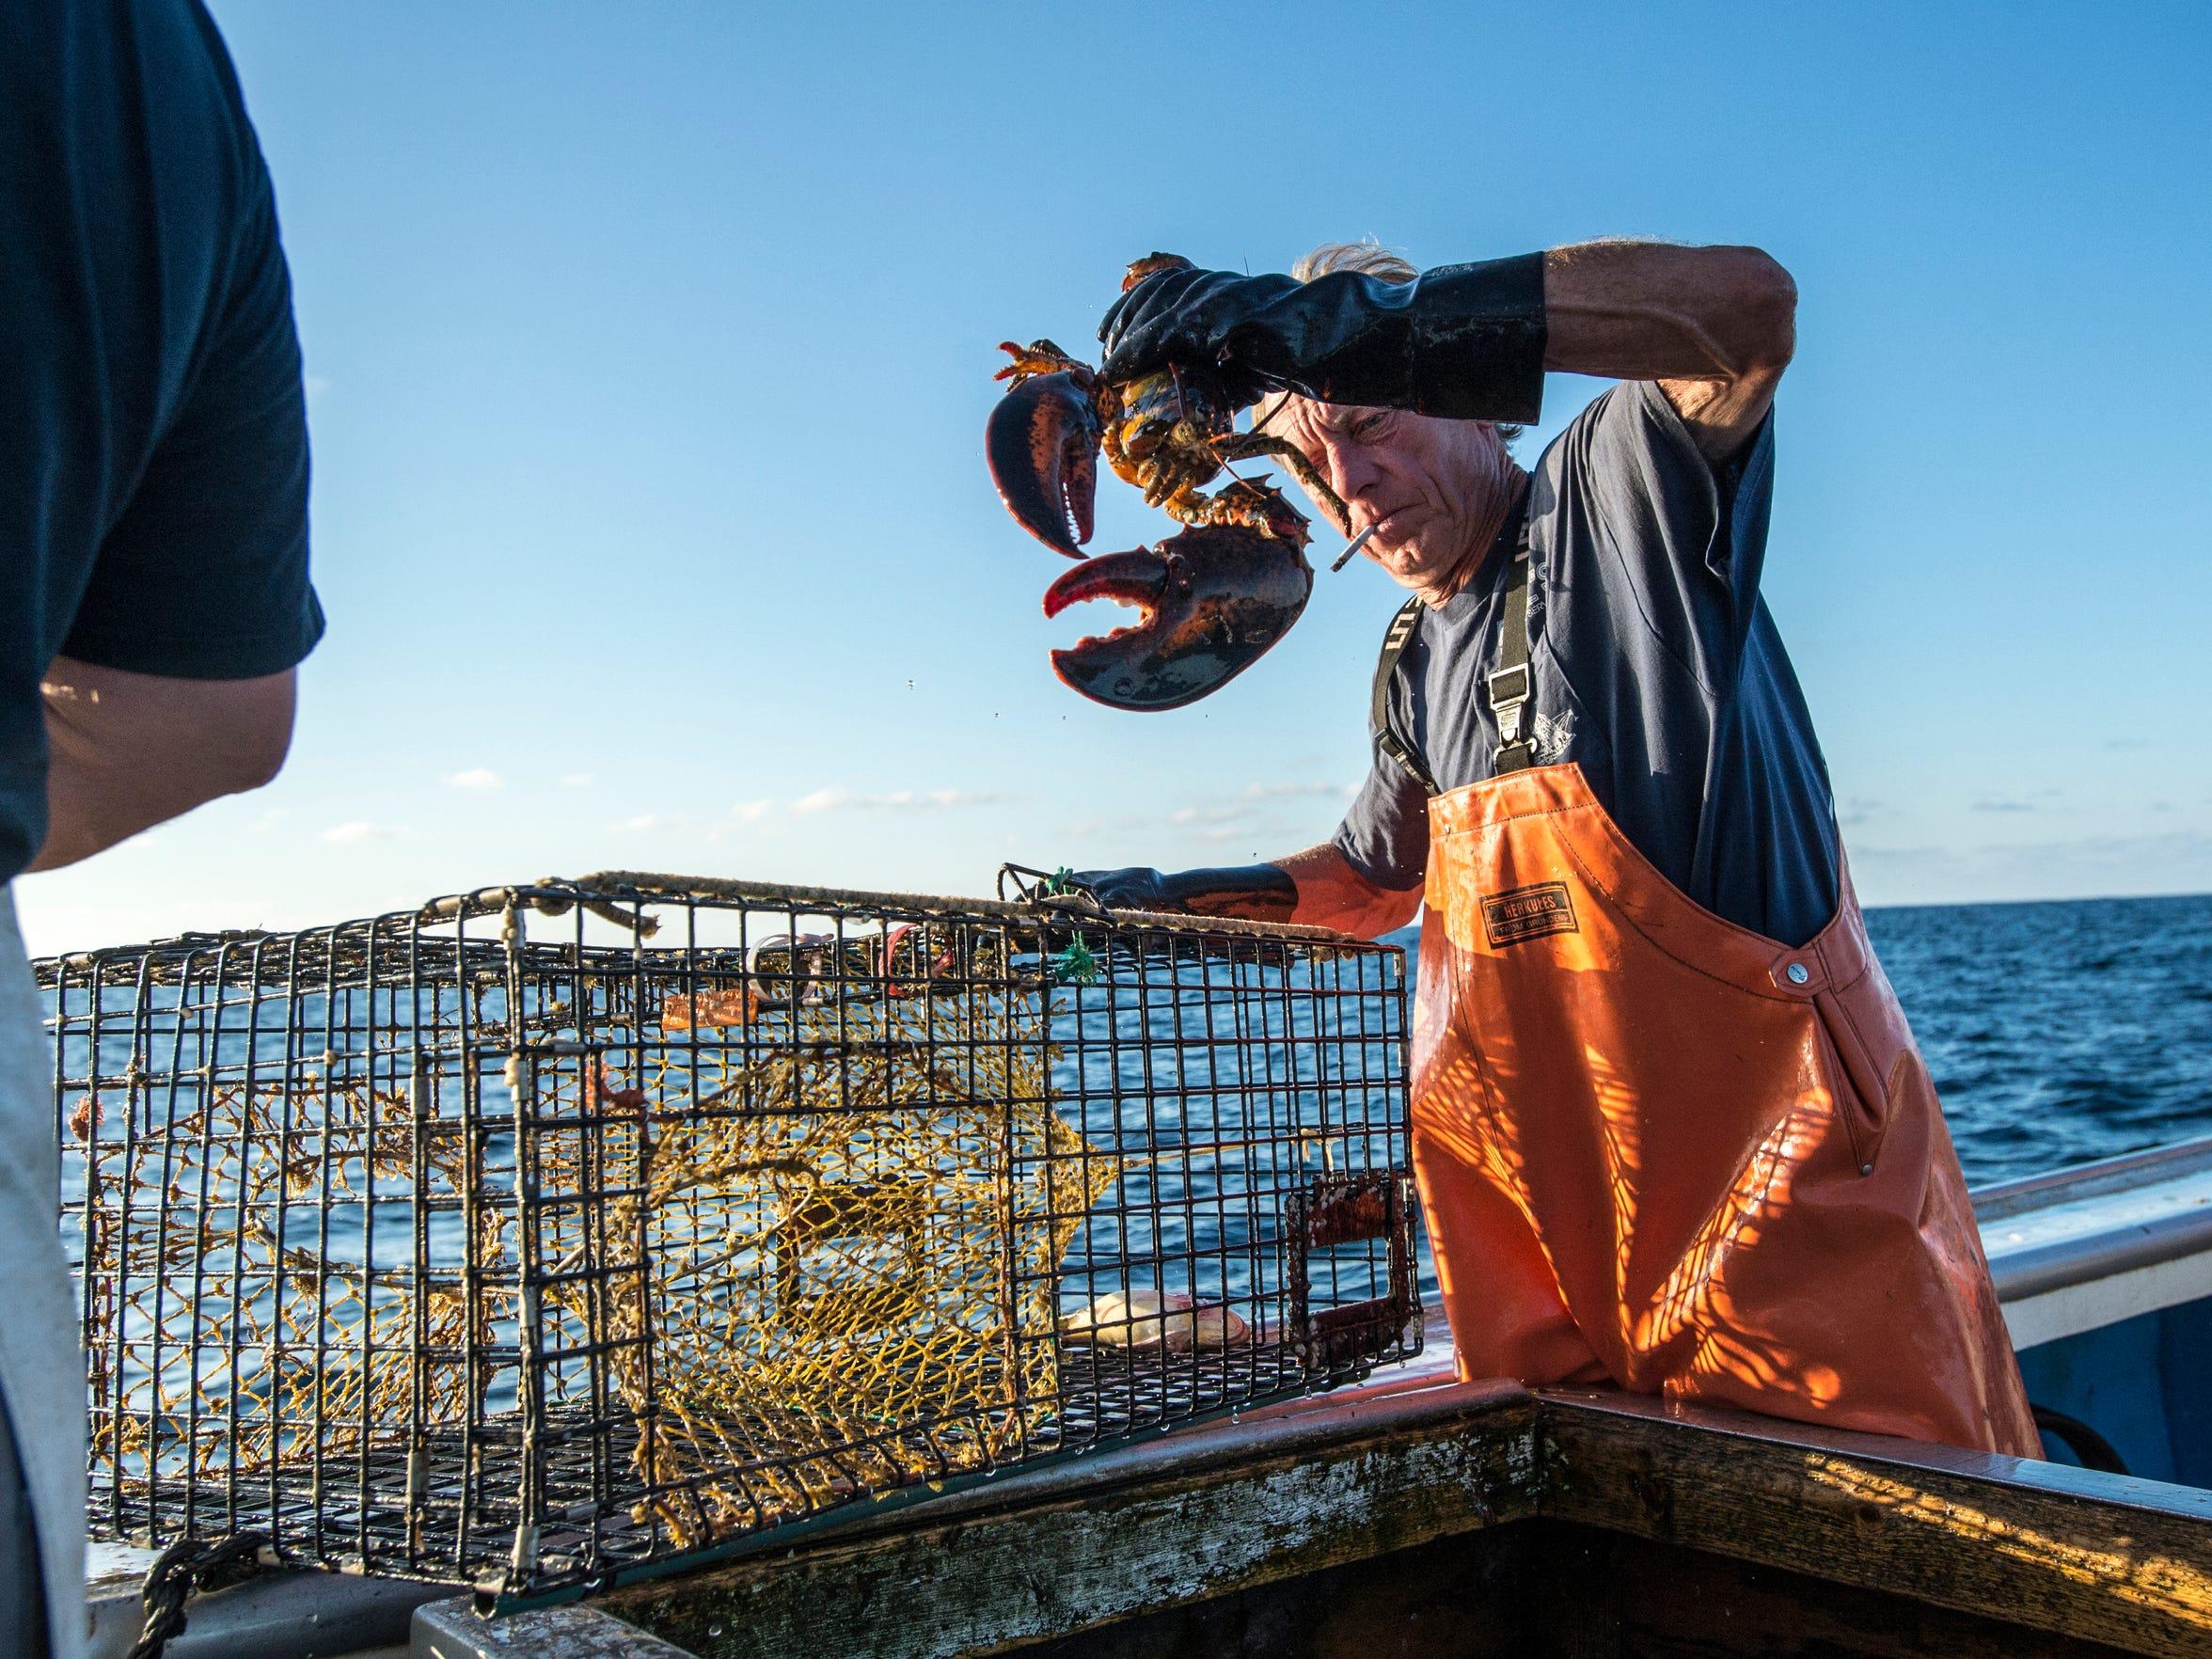 le- Lobstering in Maryland 2838.jpg